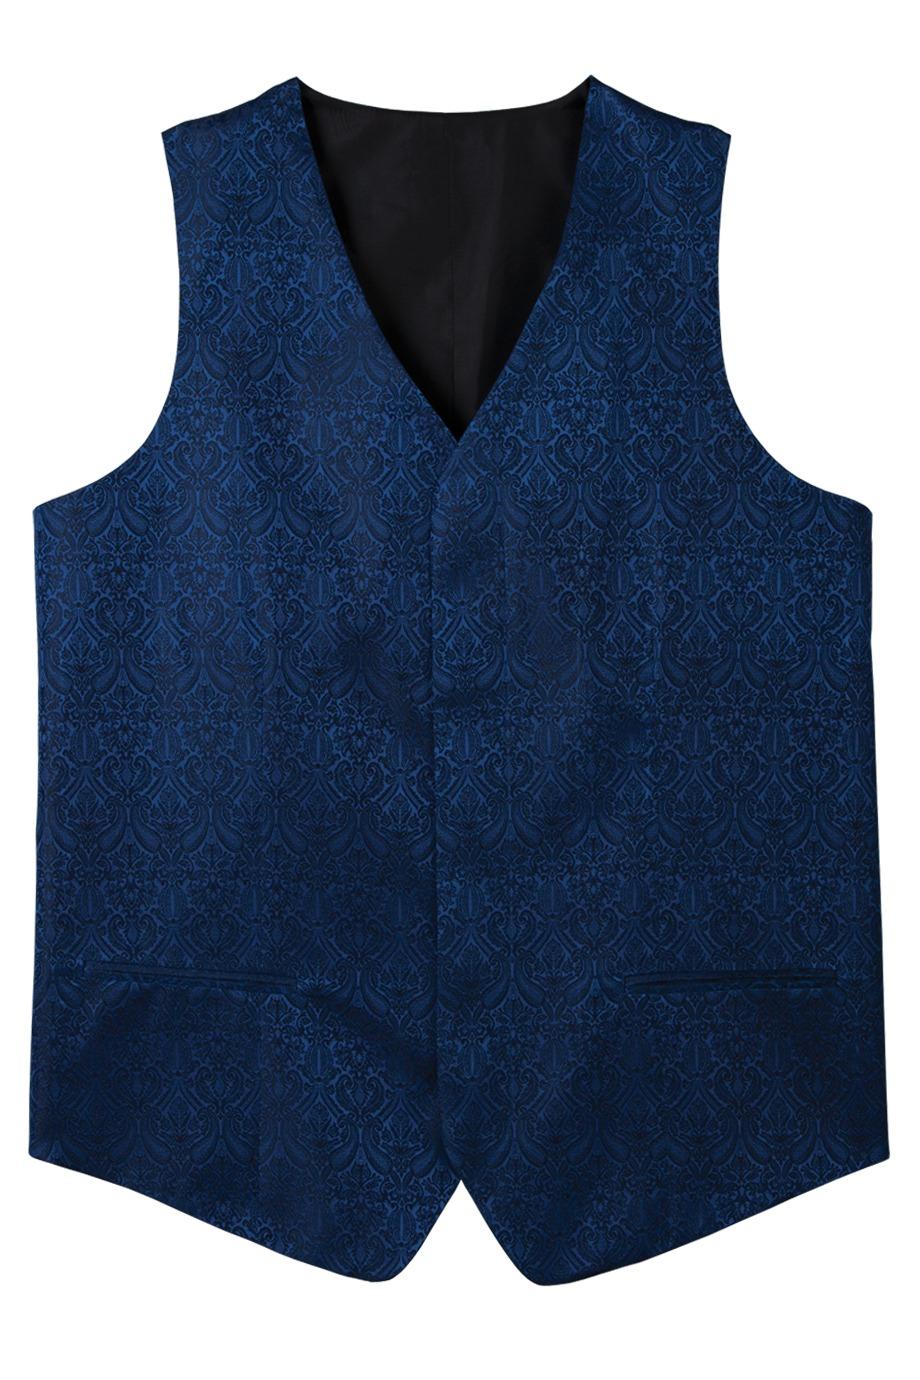 Edwards Garment 4491 - Men's Paisley Vest